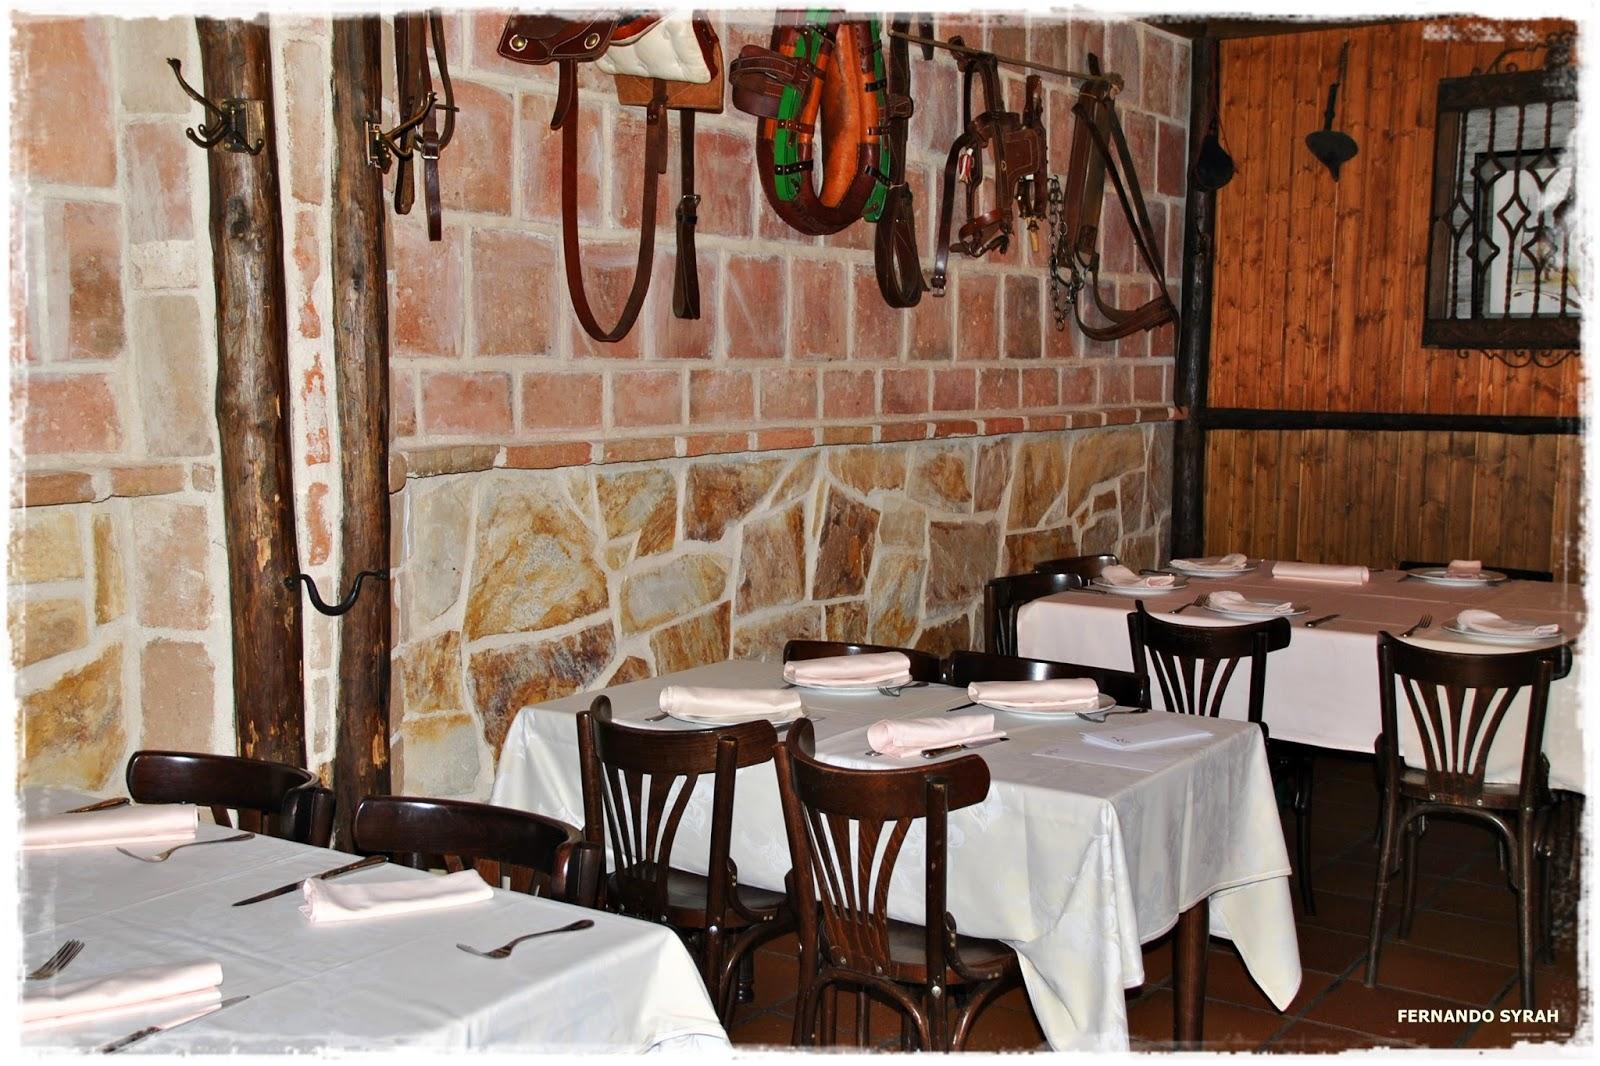 Vino gastronomia y viajes entre fogones y gin tonics sierragourmet taberna la cita - Spa moralzarzal ...